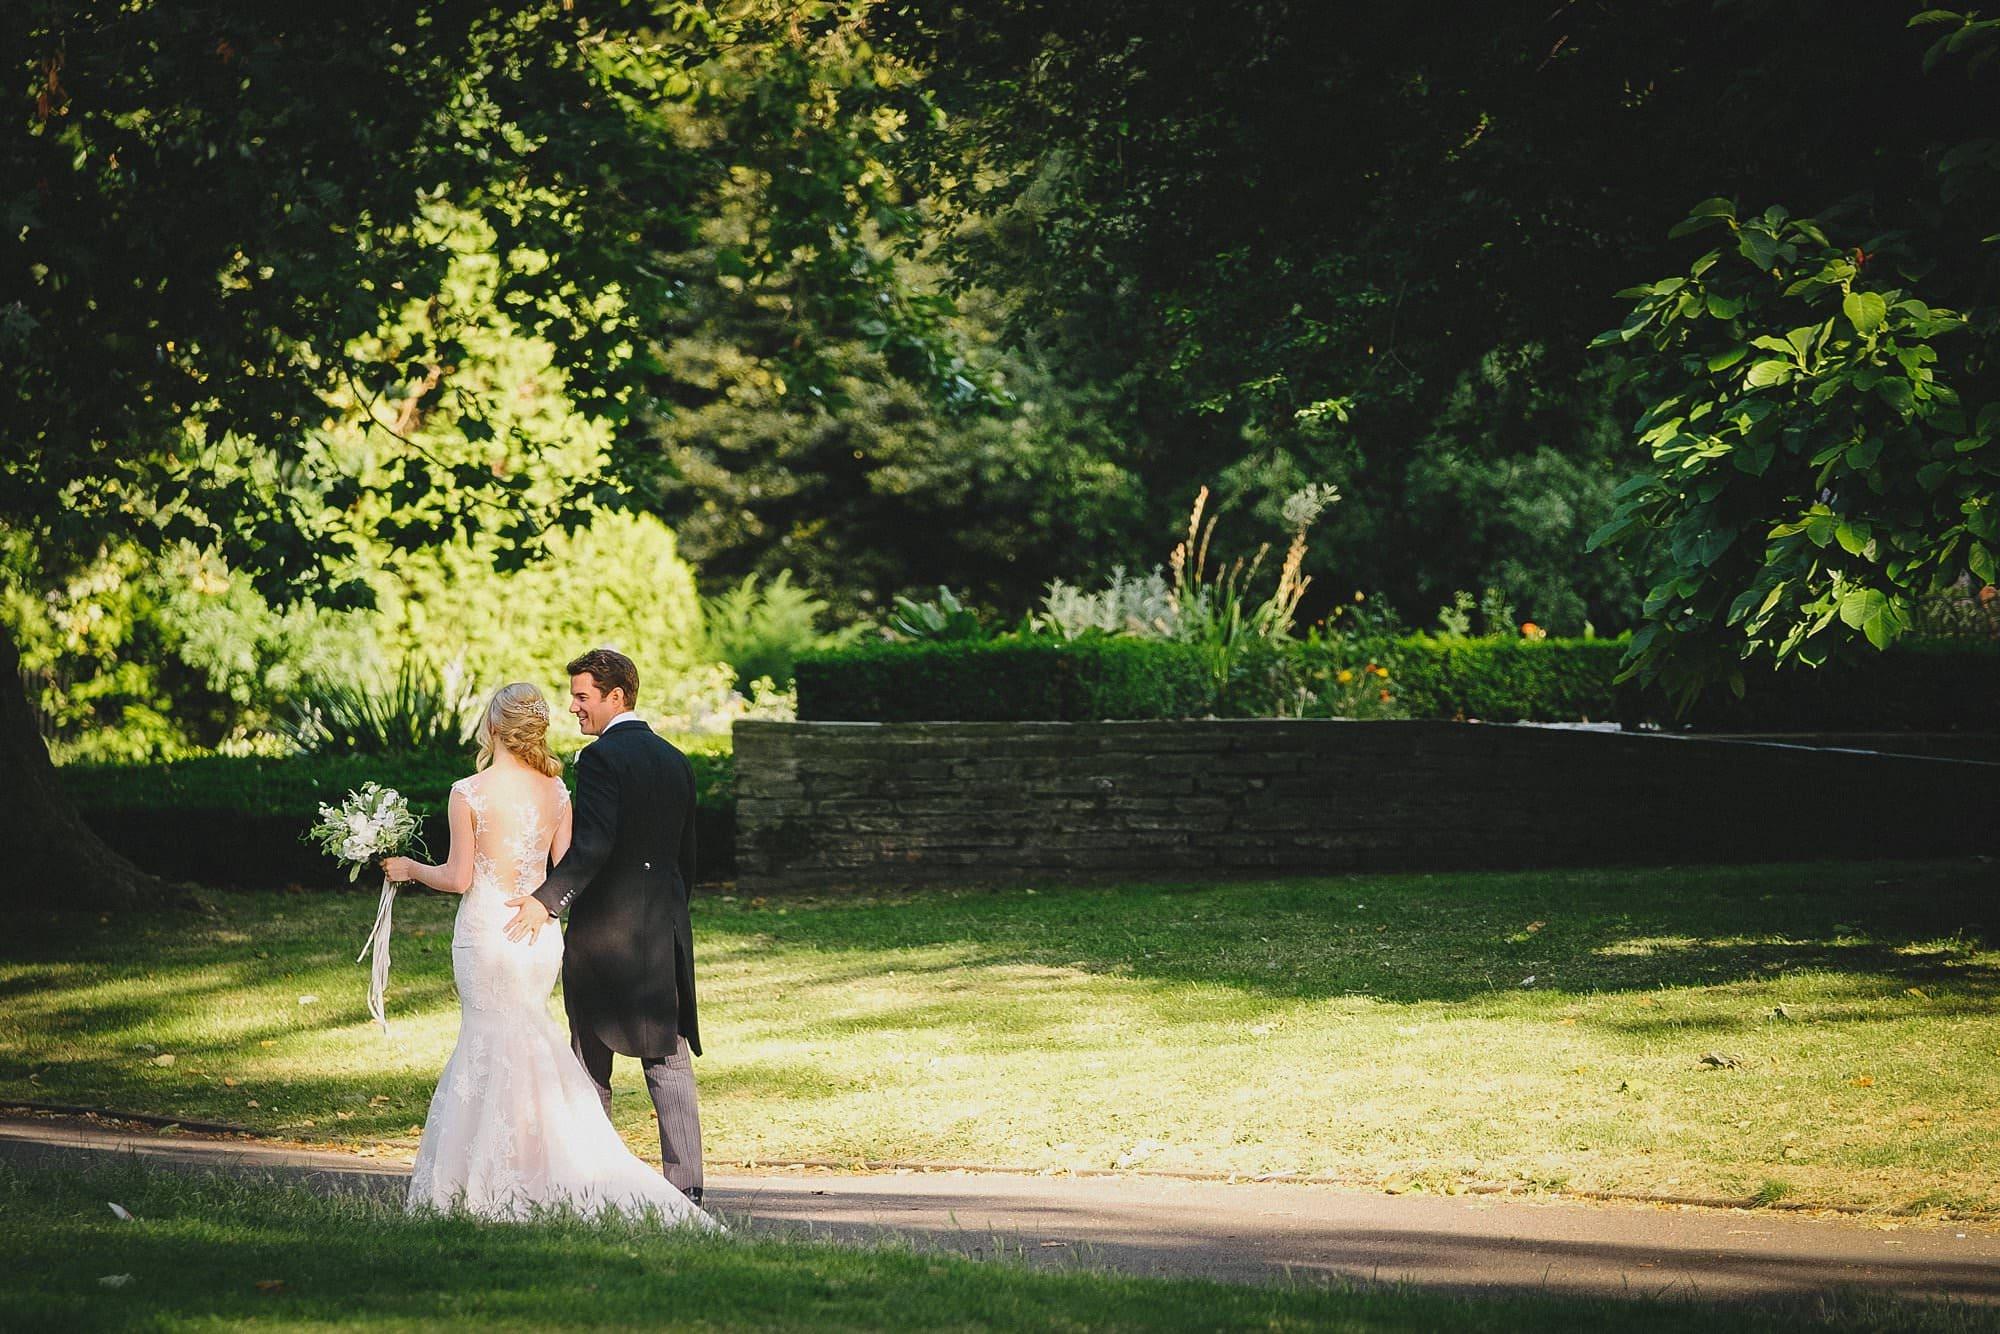 fulham palace wedding photographer 045 - Rosanna + Duncan | Fulham